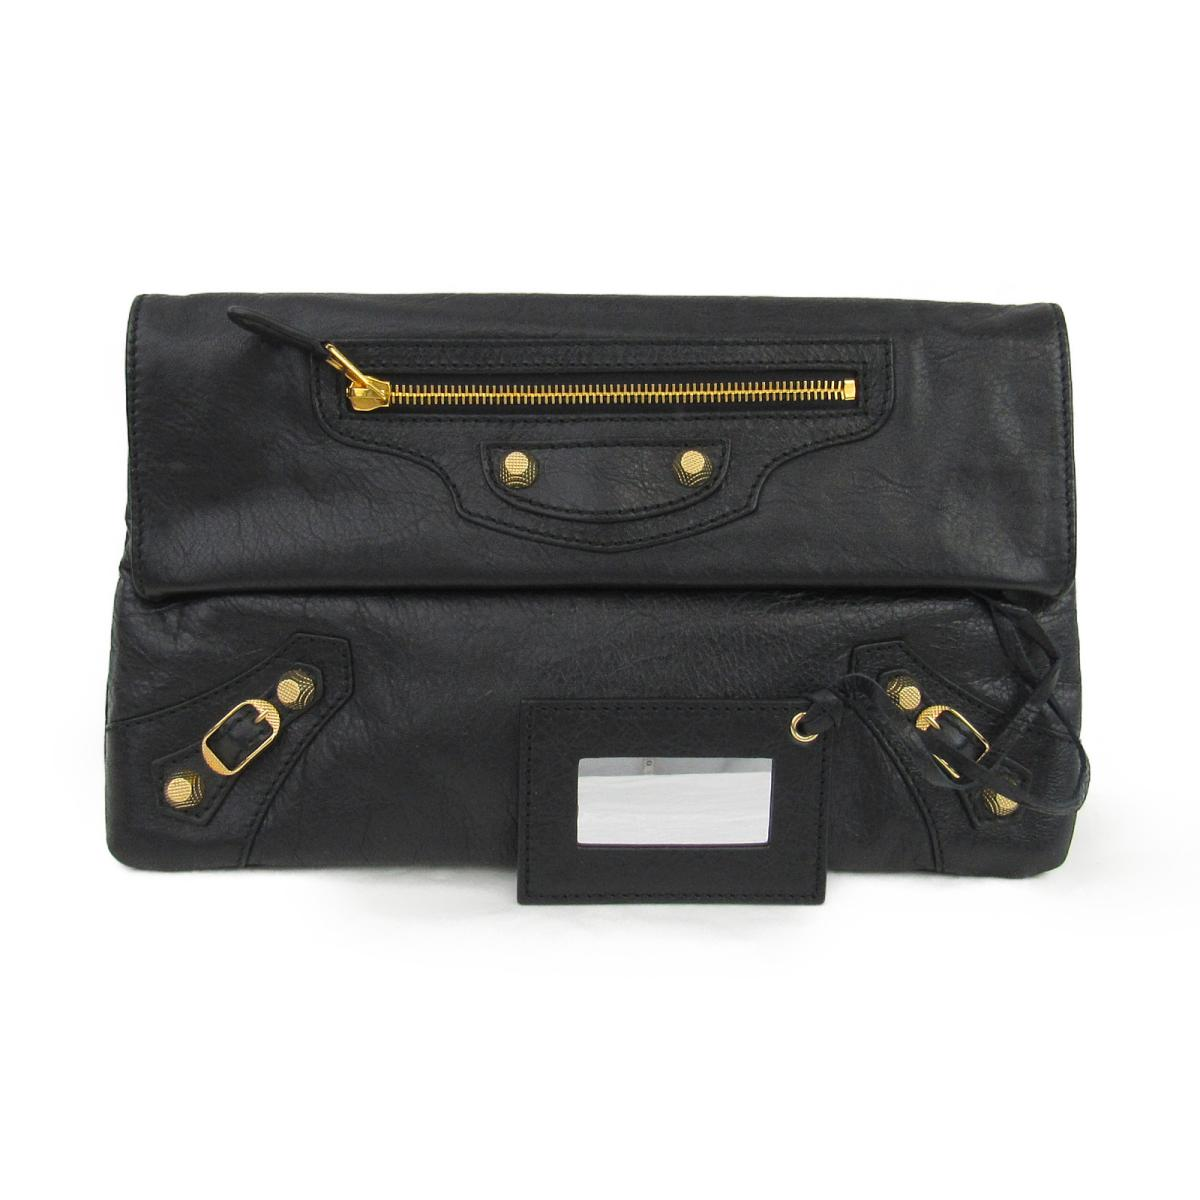 【中古】 バレンシアガ ジャイアント エンベロープ クラッチバッグ メンズ レザー ブラック (282011) | BALENCIAGA セカンドバッグ クラッチバック バッグ バック BAG カバン 鞄 ブランドバッグ ブランドバック 美品 ブランドオフ